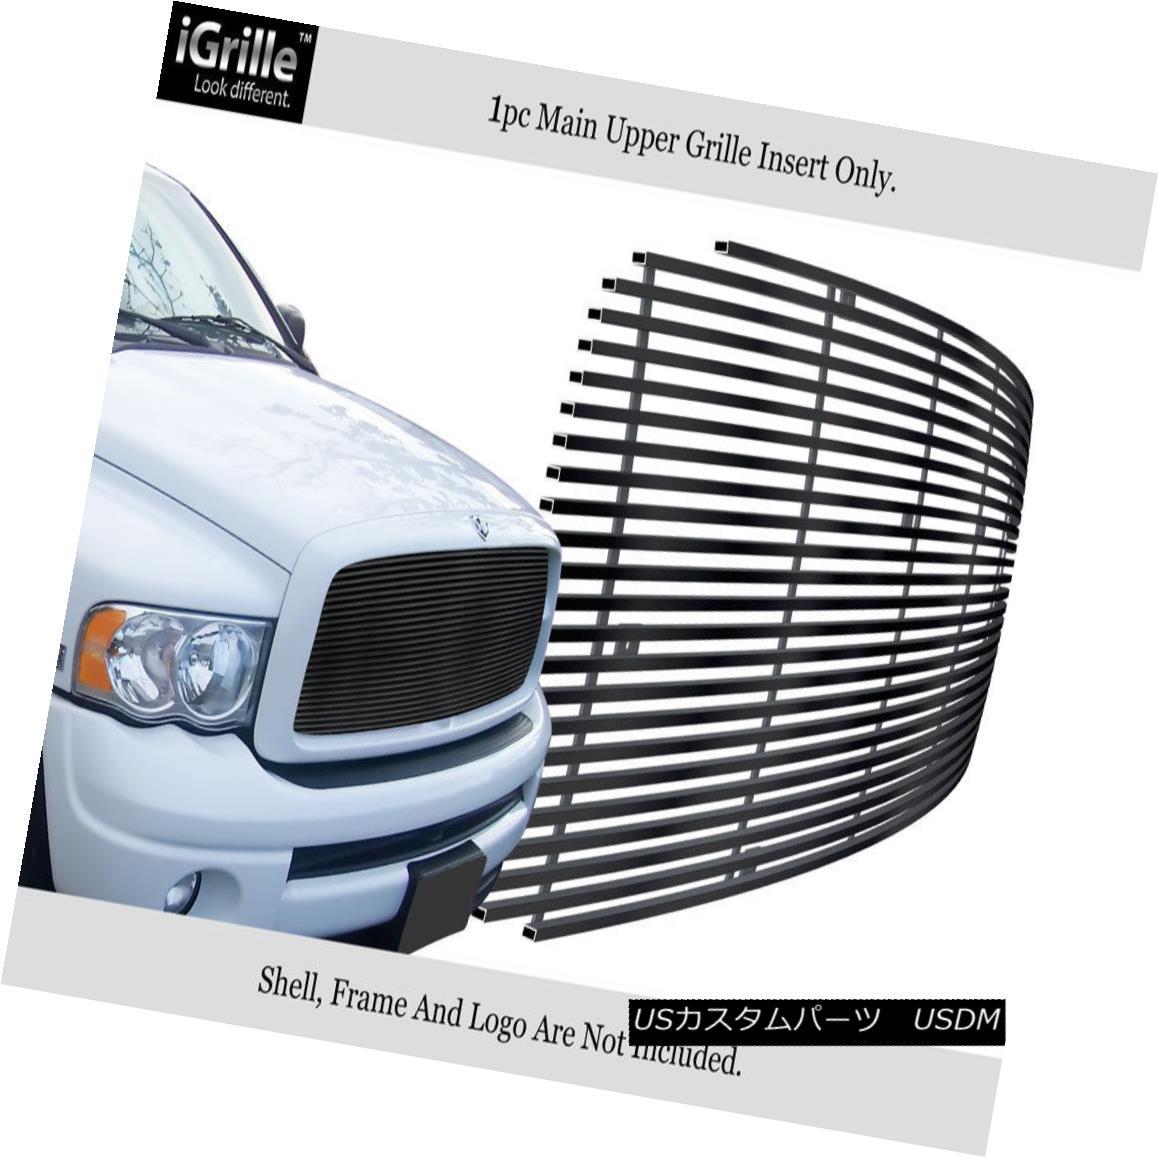 グリル For 2002-2005 Dodge Ram 1500/2500/3500 Stainless Steel Black Billet Grille 2002-2005ダッジラム1500/2500/3500ステンレススチールブラックビレットグリル用